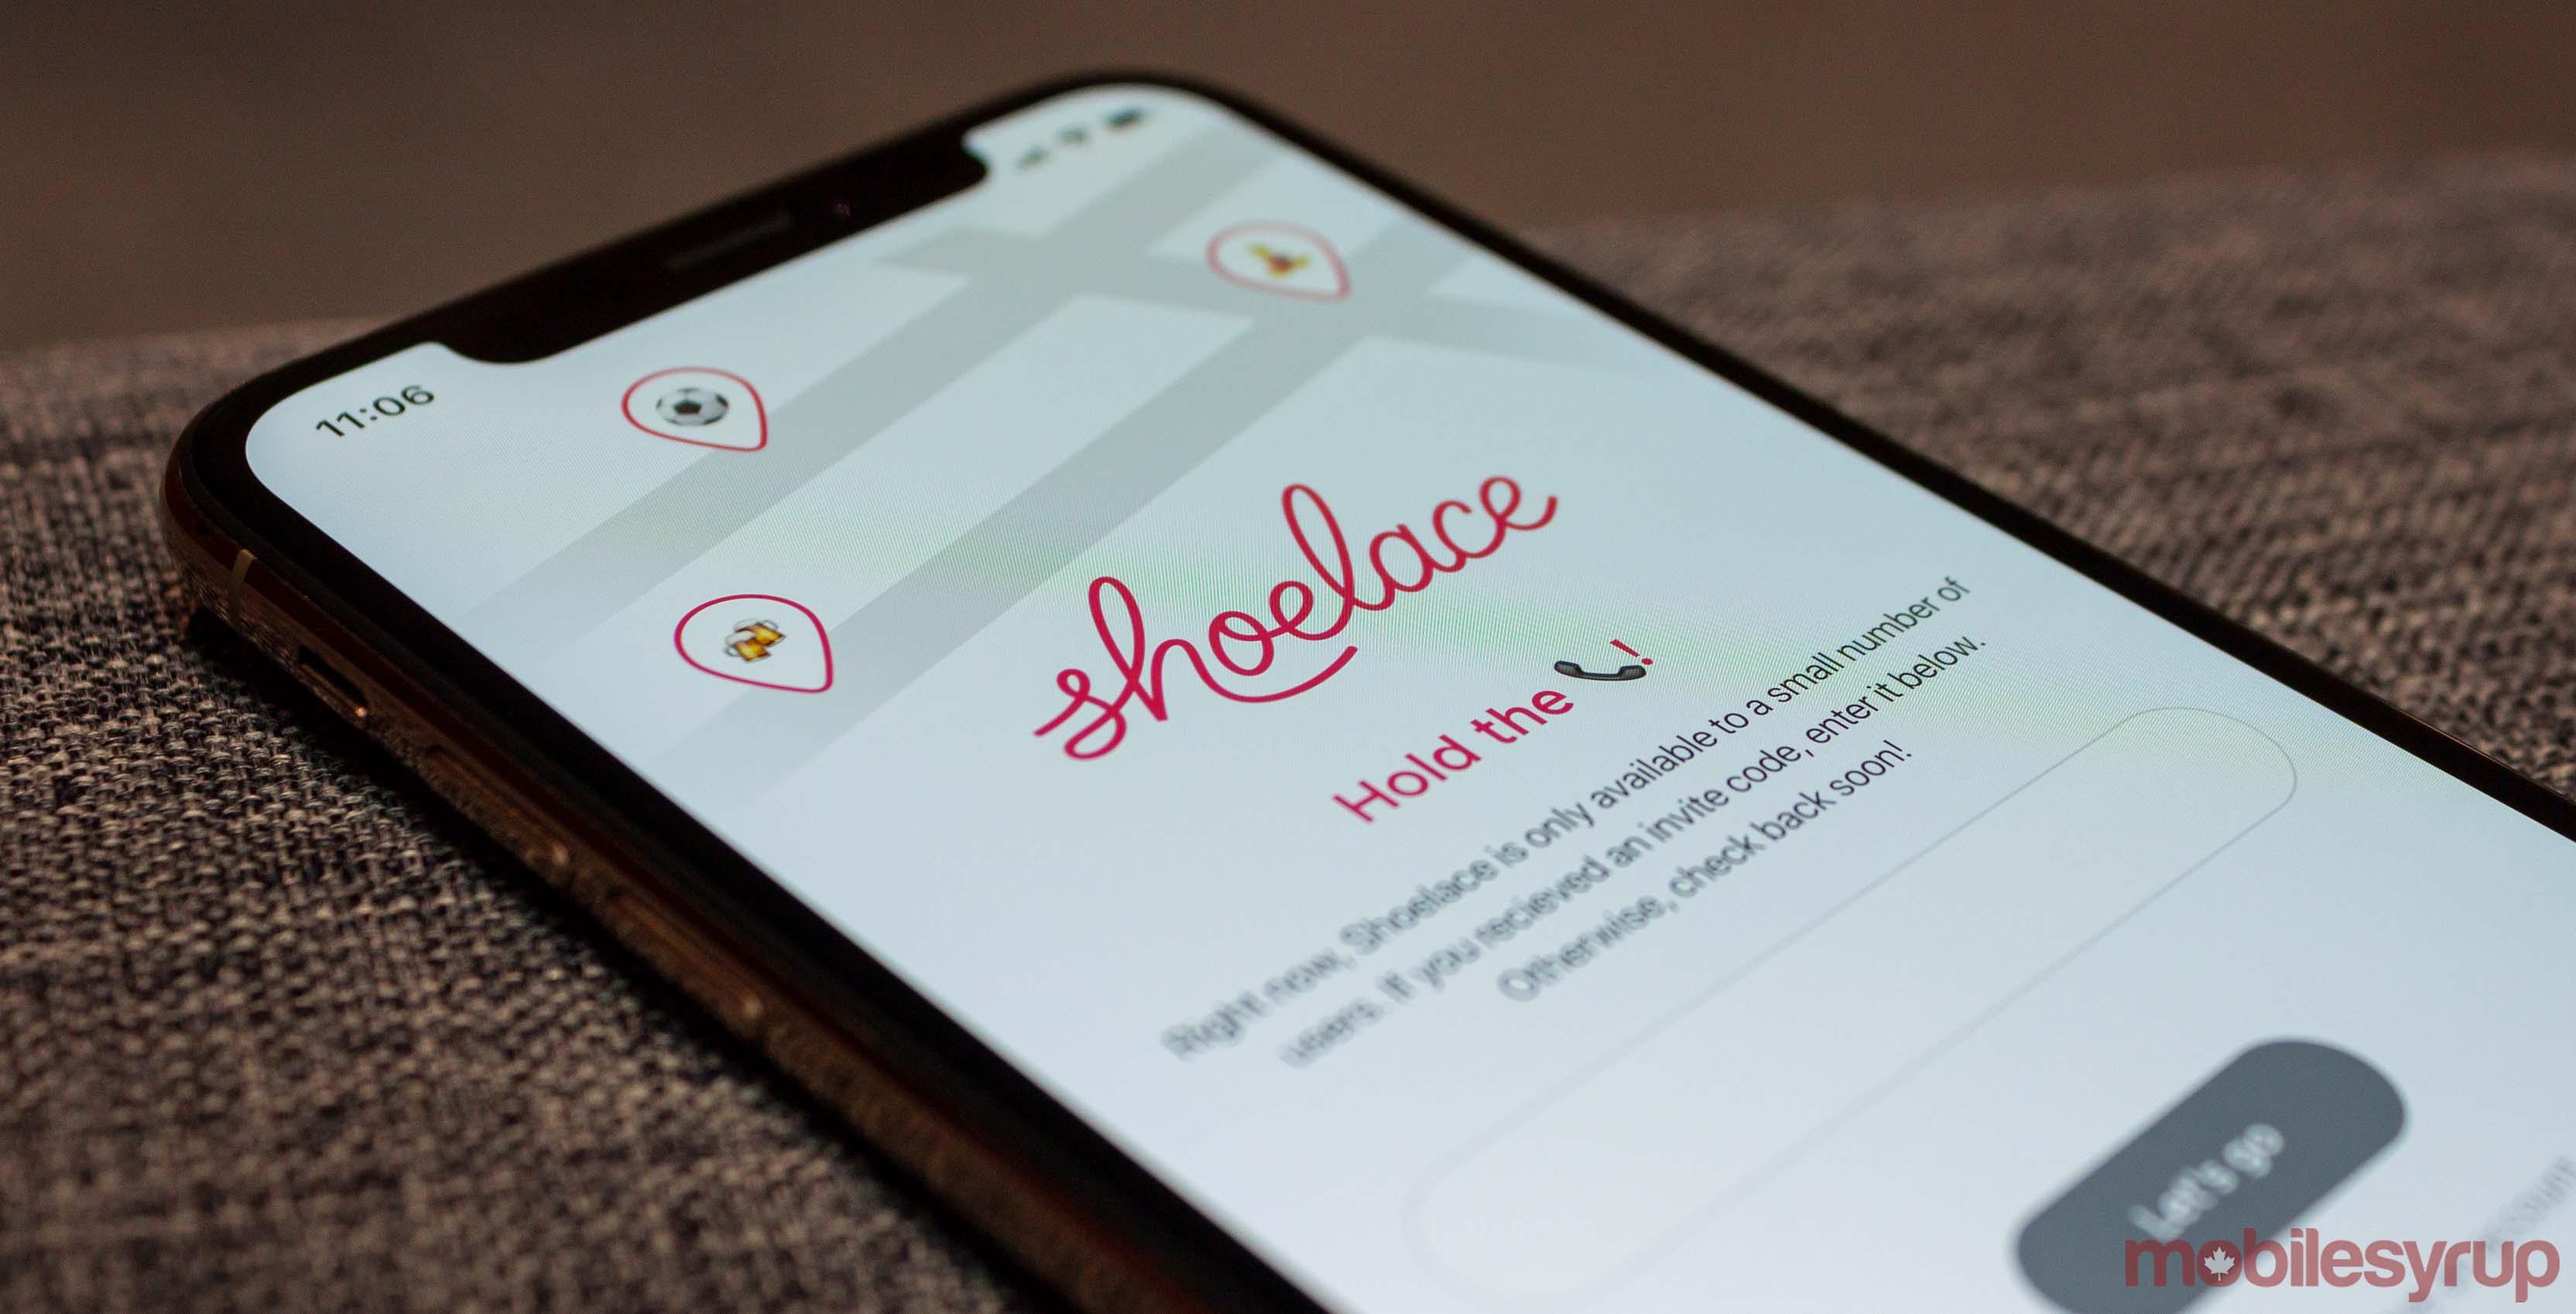 Shoelace app